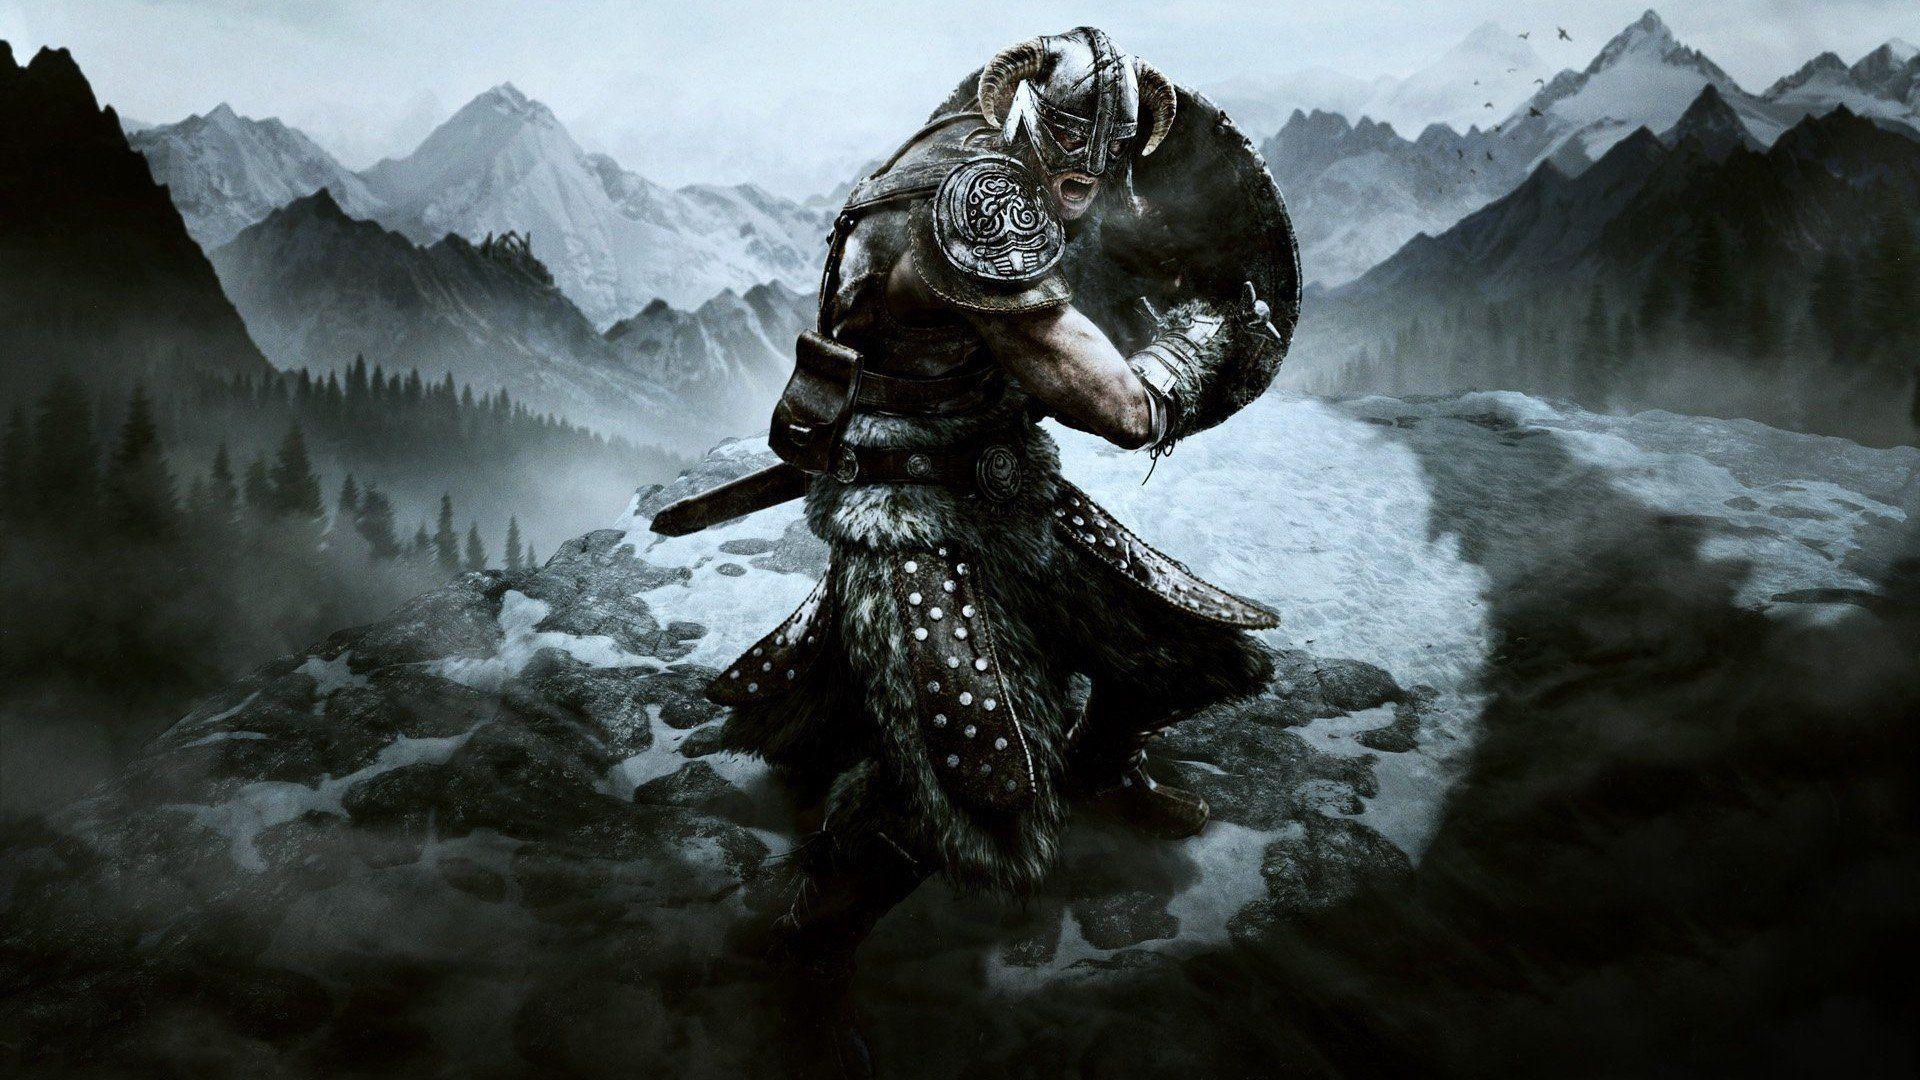 Viking Warrior Wallpapers Top Free Viking Warrior